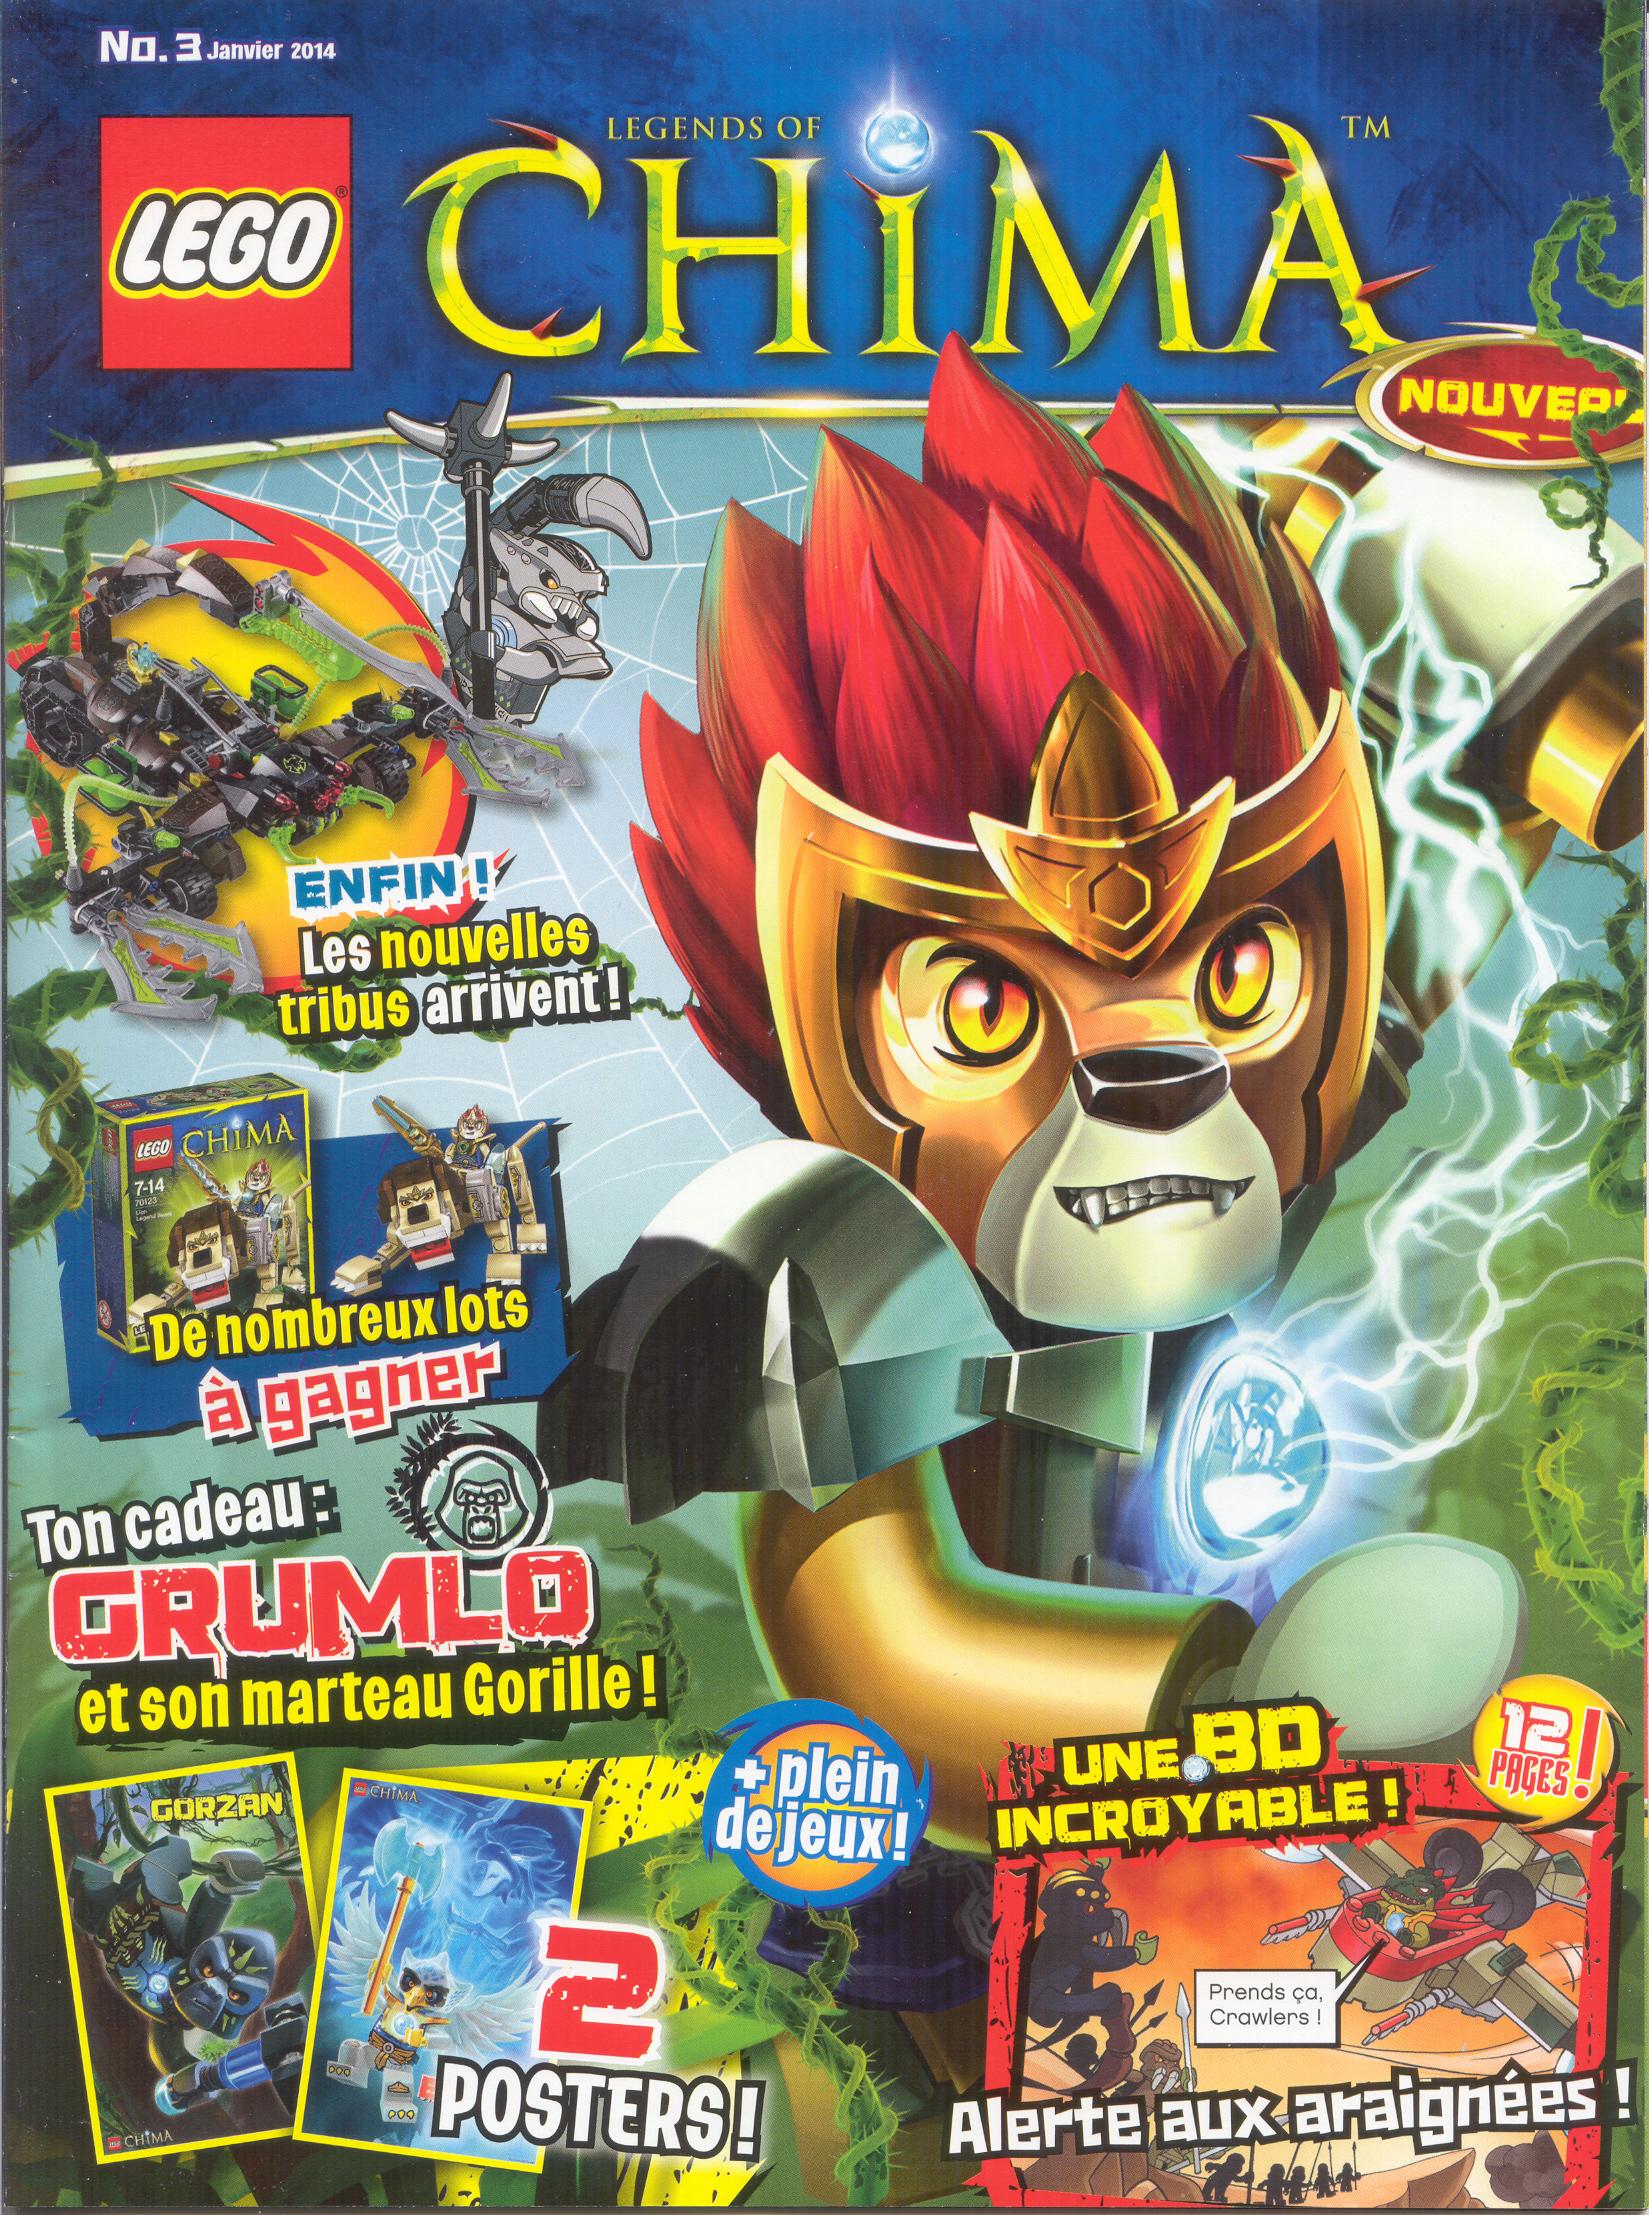 Lego chima 3 wiki lego fandom powered by wikia - Image de lego chima ...